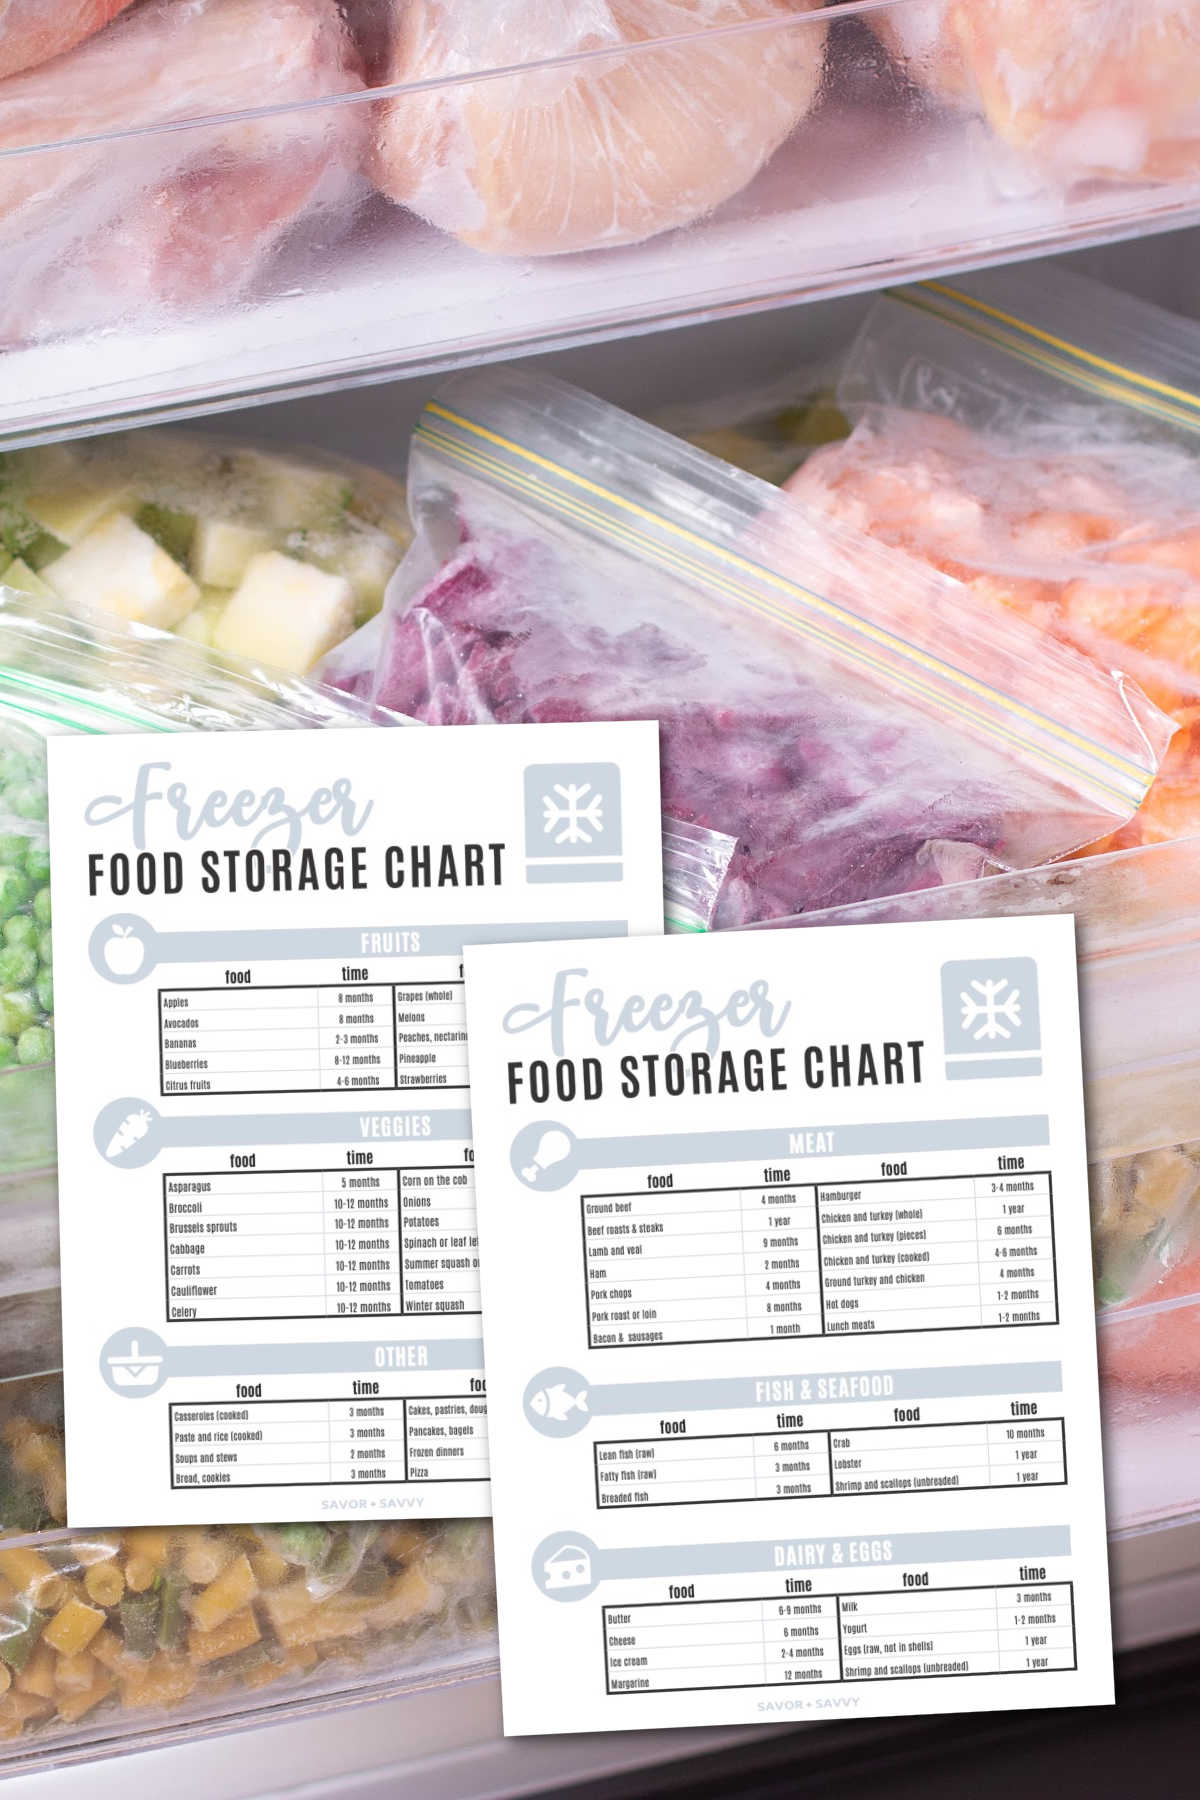 bags of fresh veggies in freezer bags.